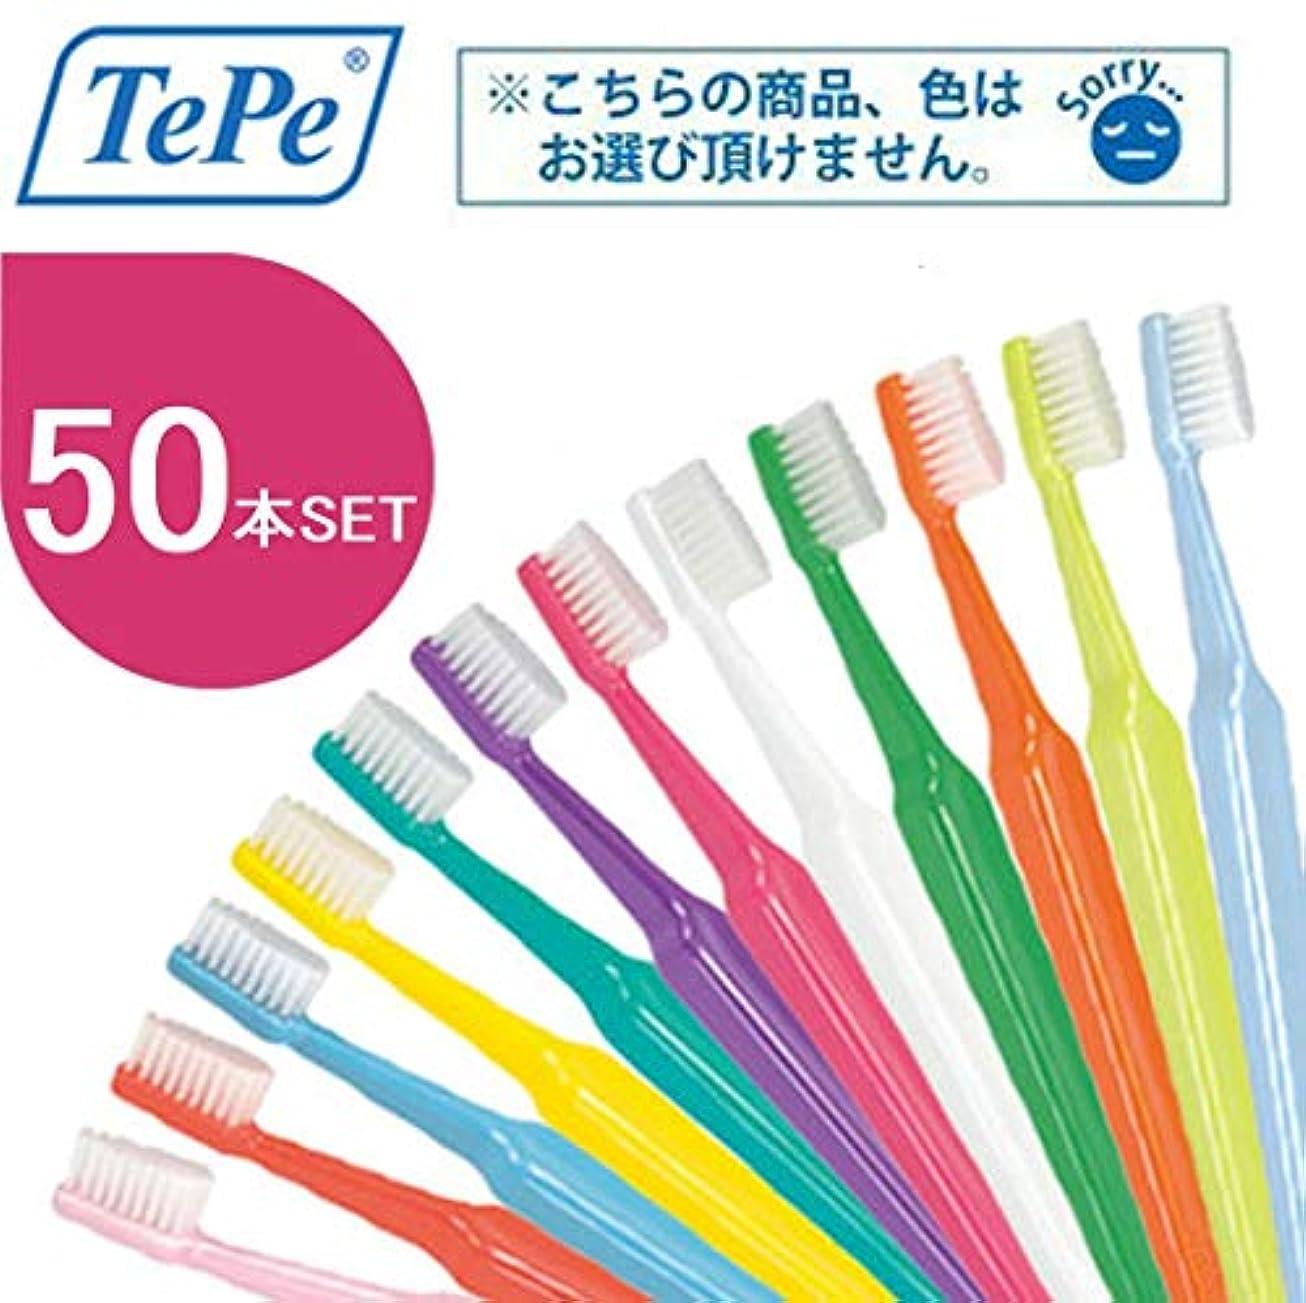 不誠実ガウンブリッジクロスフィールド TePe テペ セレクト 歯ブラシ 50本 (エクストラソフト)